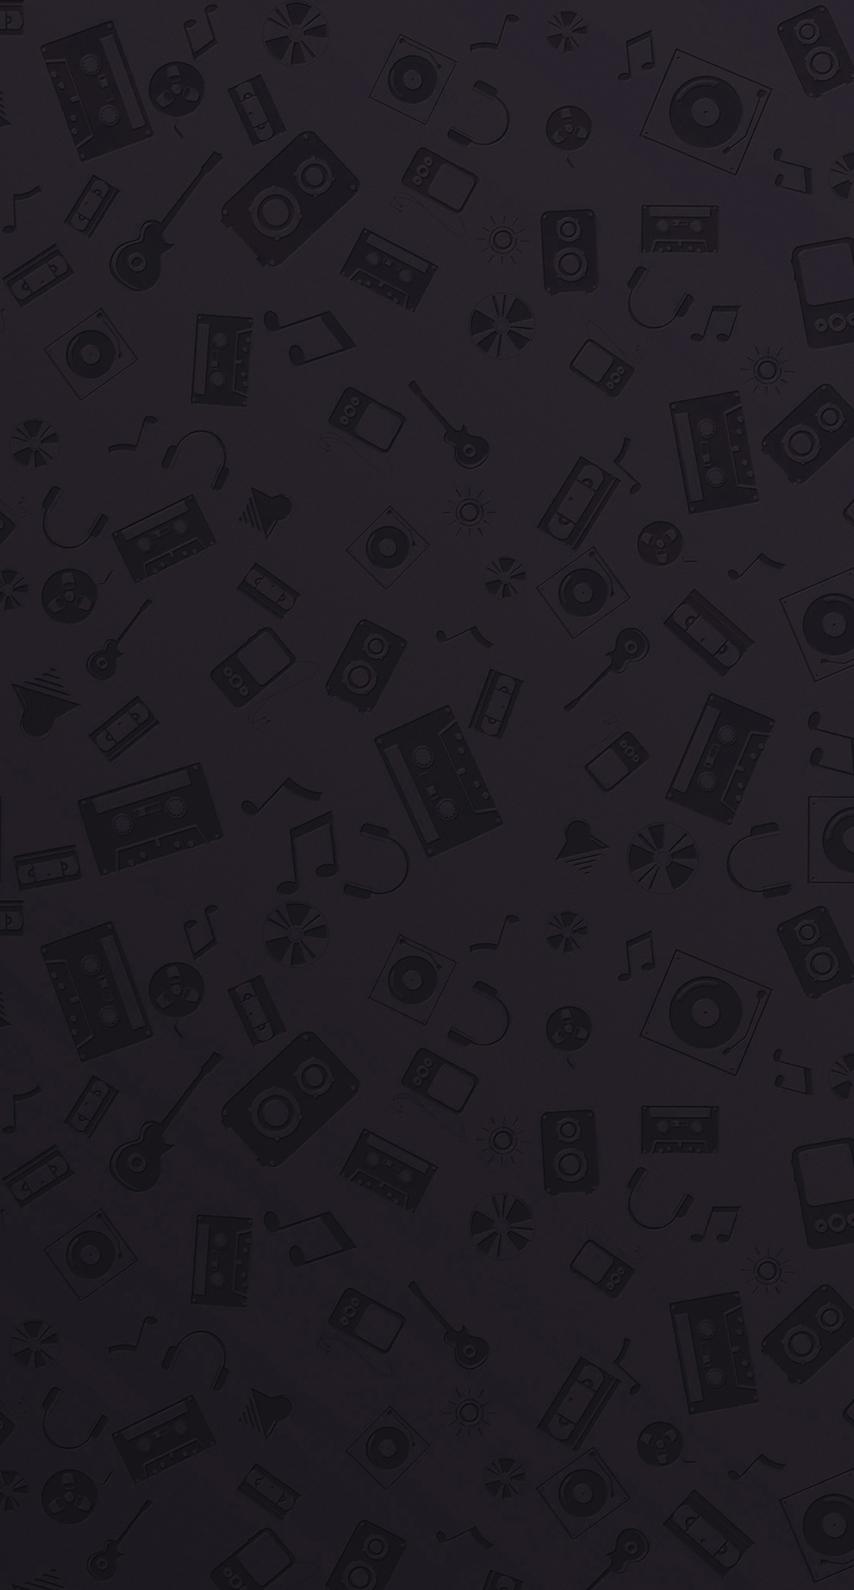 design, background